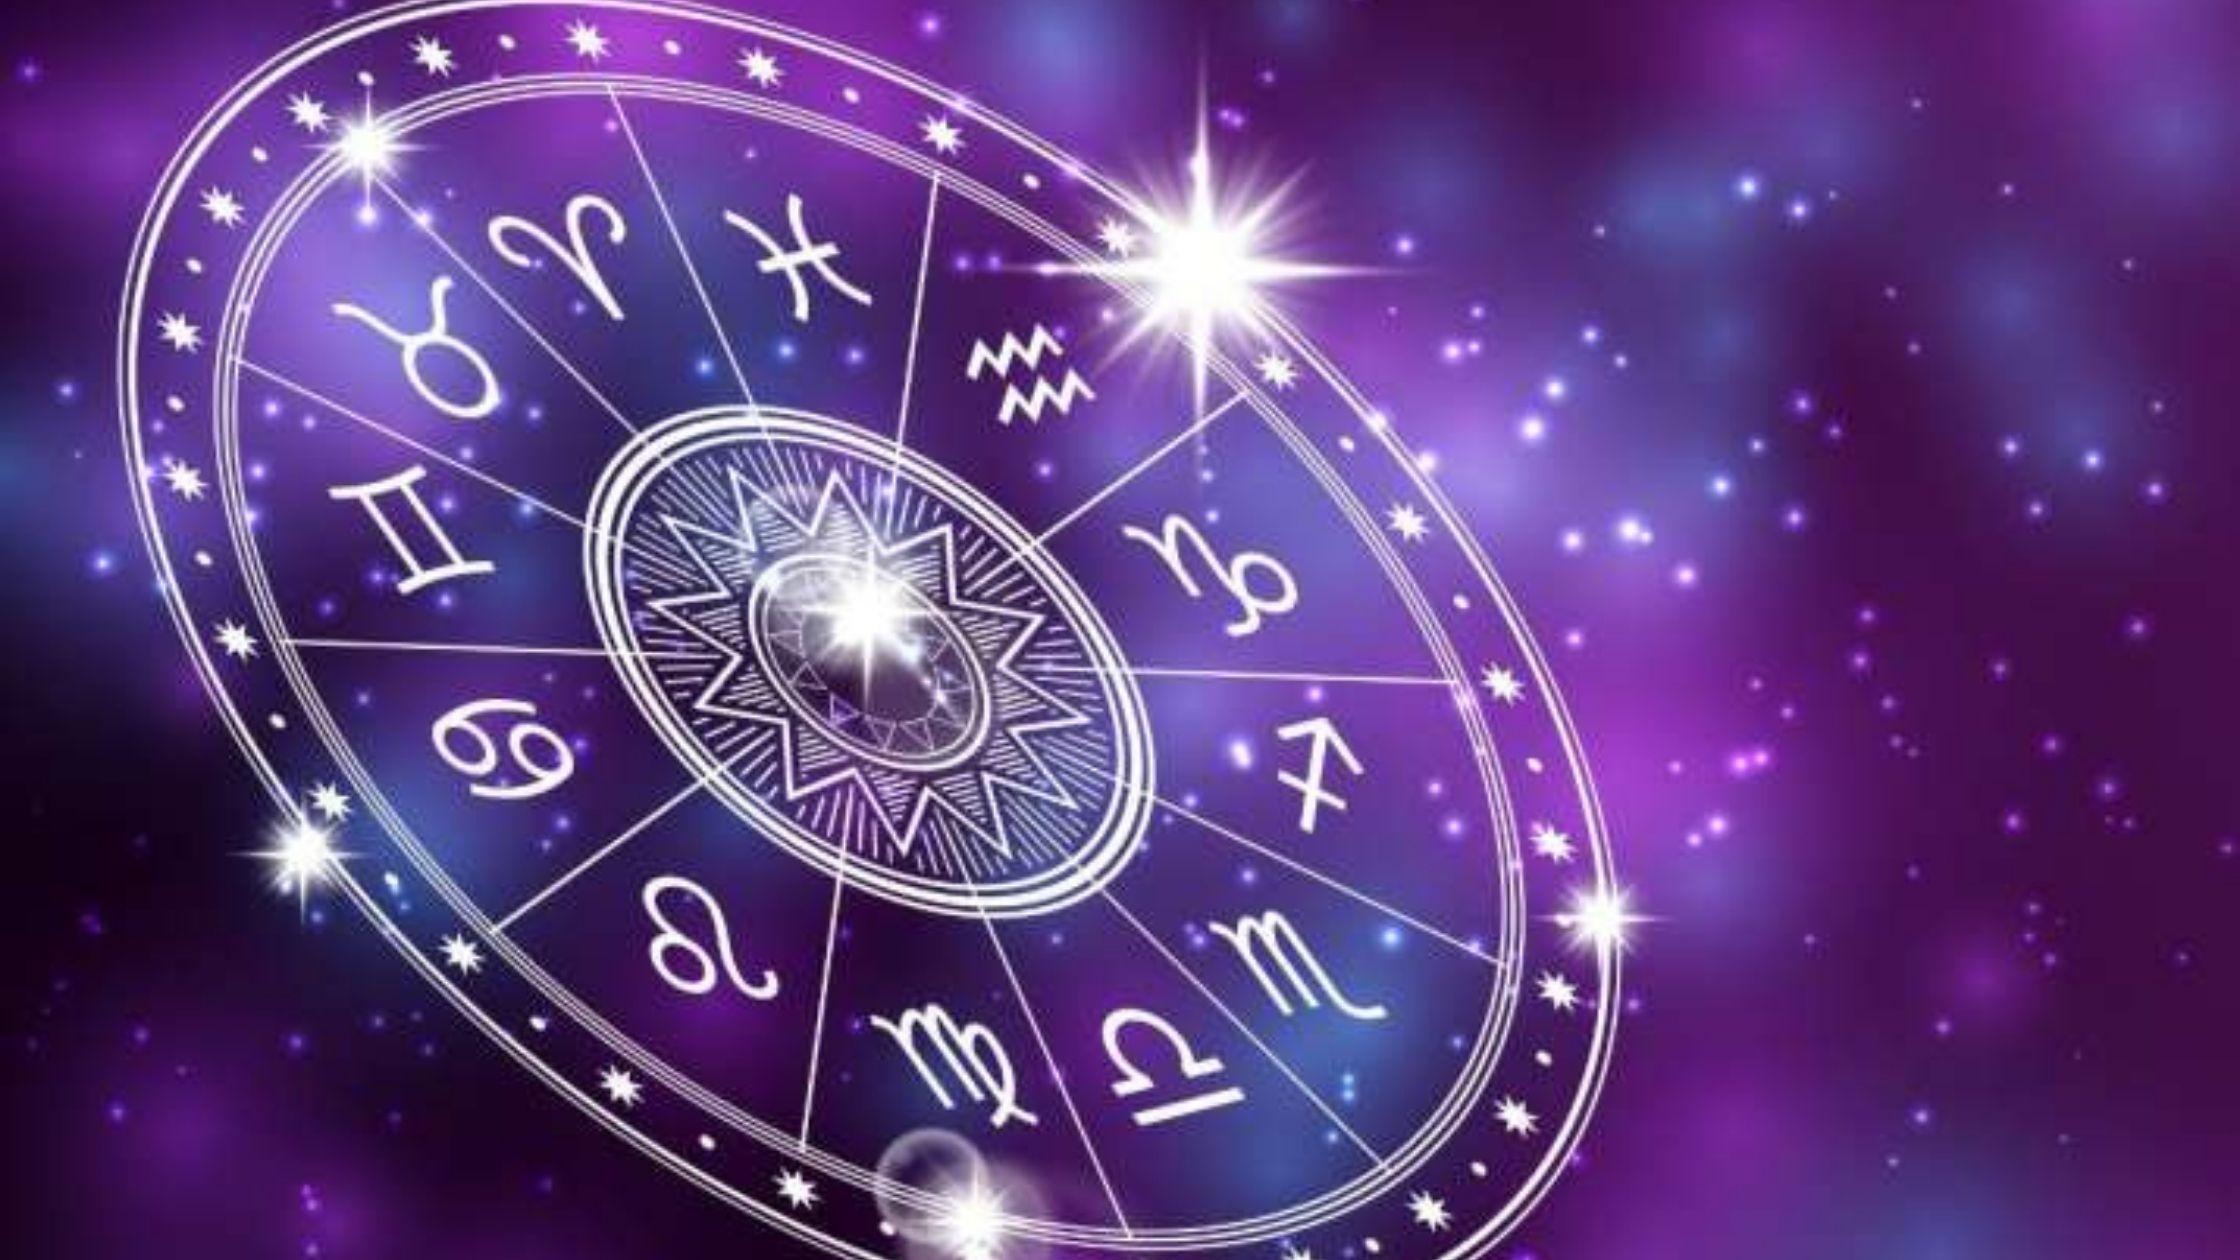 Today Horoscope 14-04-21 | Daily Horoscope